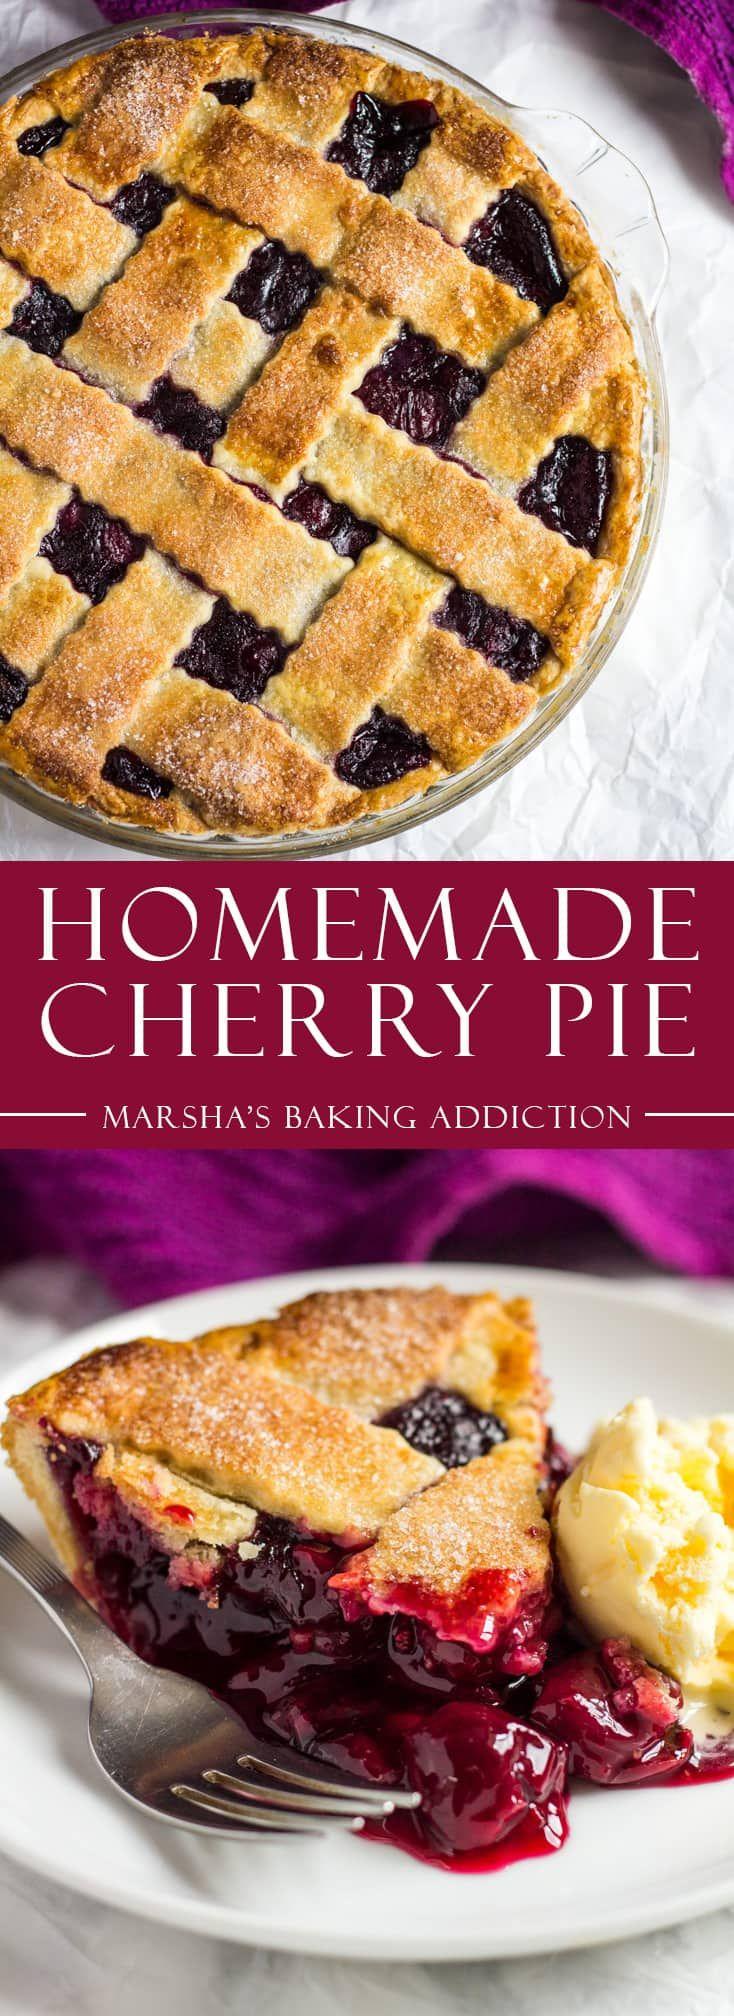 Homemade Cherry Pie   marshasbakingaddiction.com @marshasbakeblog